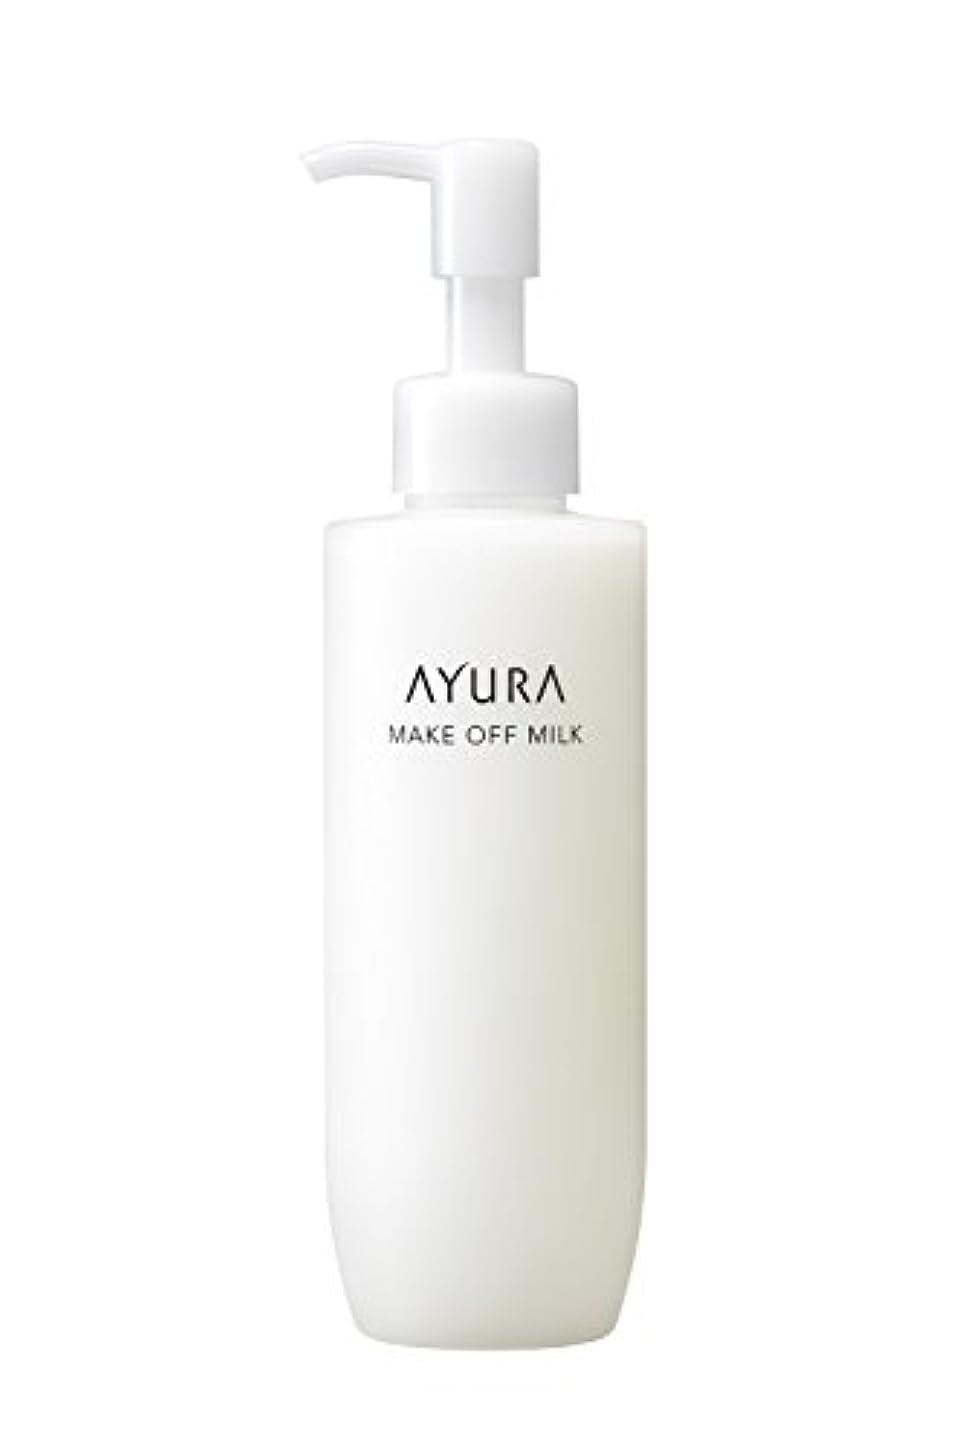 実際にファブリック議論するアユーラ (AYURA) メークオフミルク < メイク落とし > 170mL 肌をいたわりながらしっかりオフするミルクタイプ